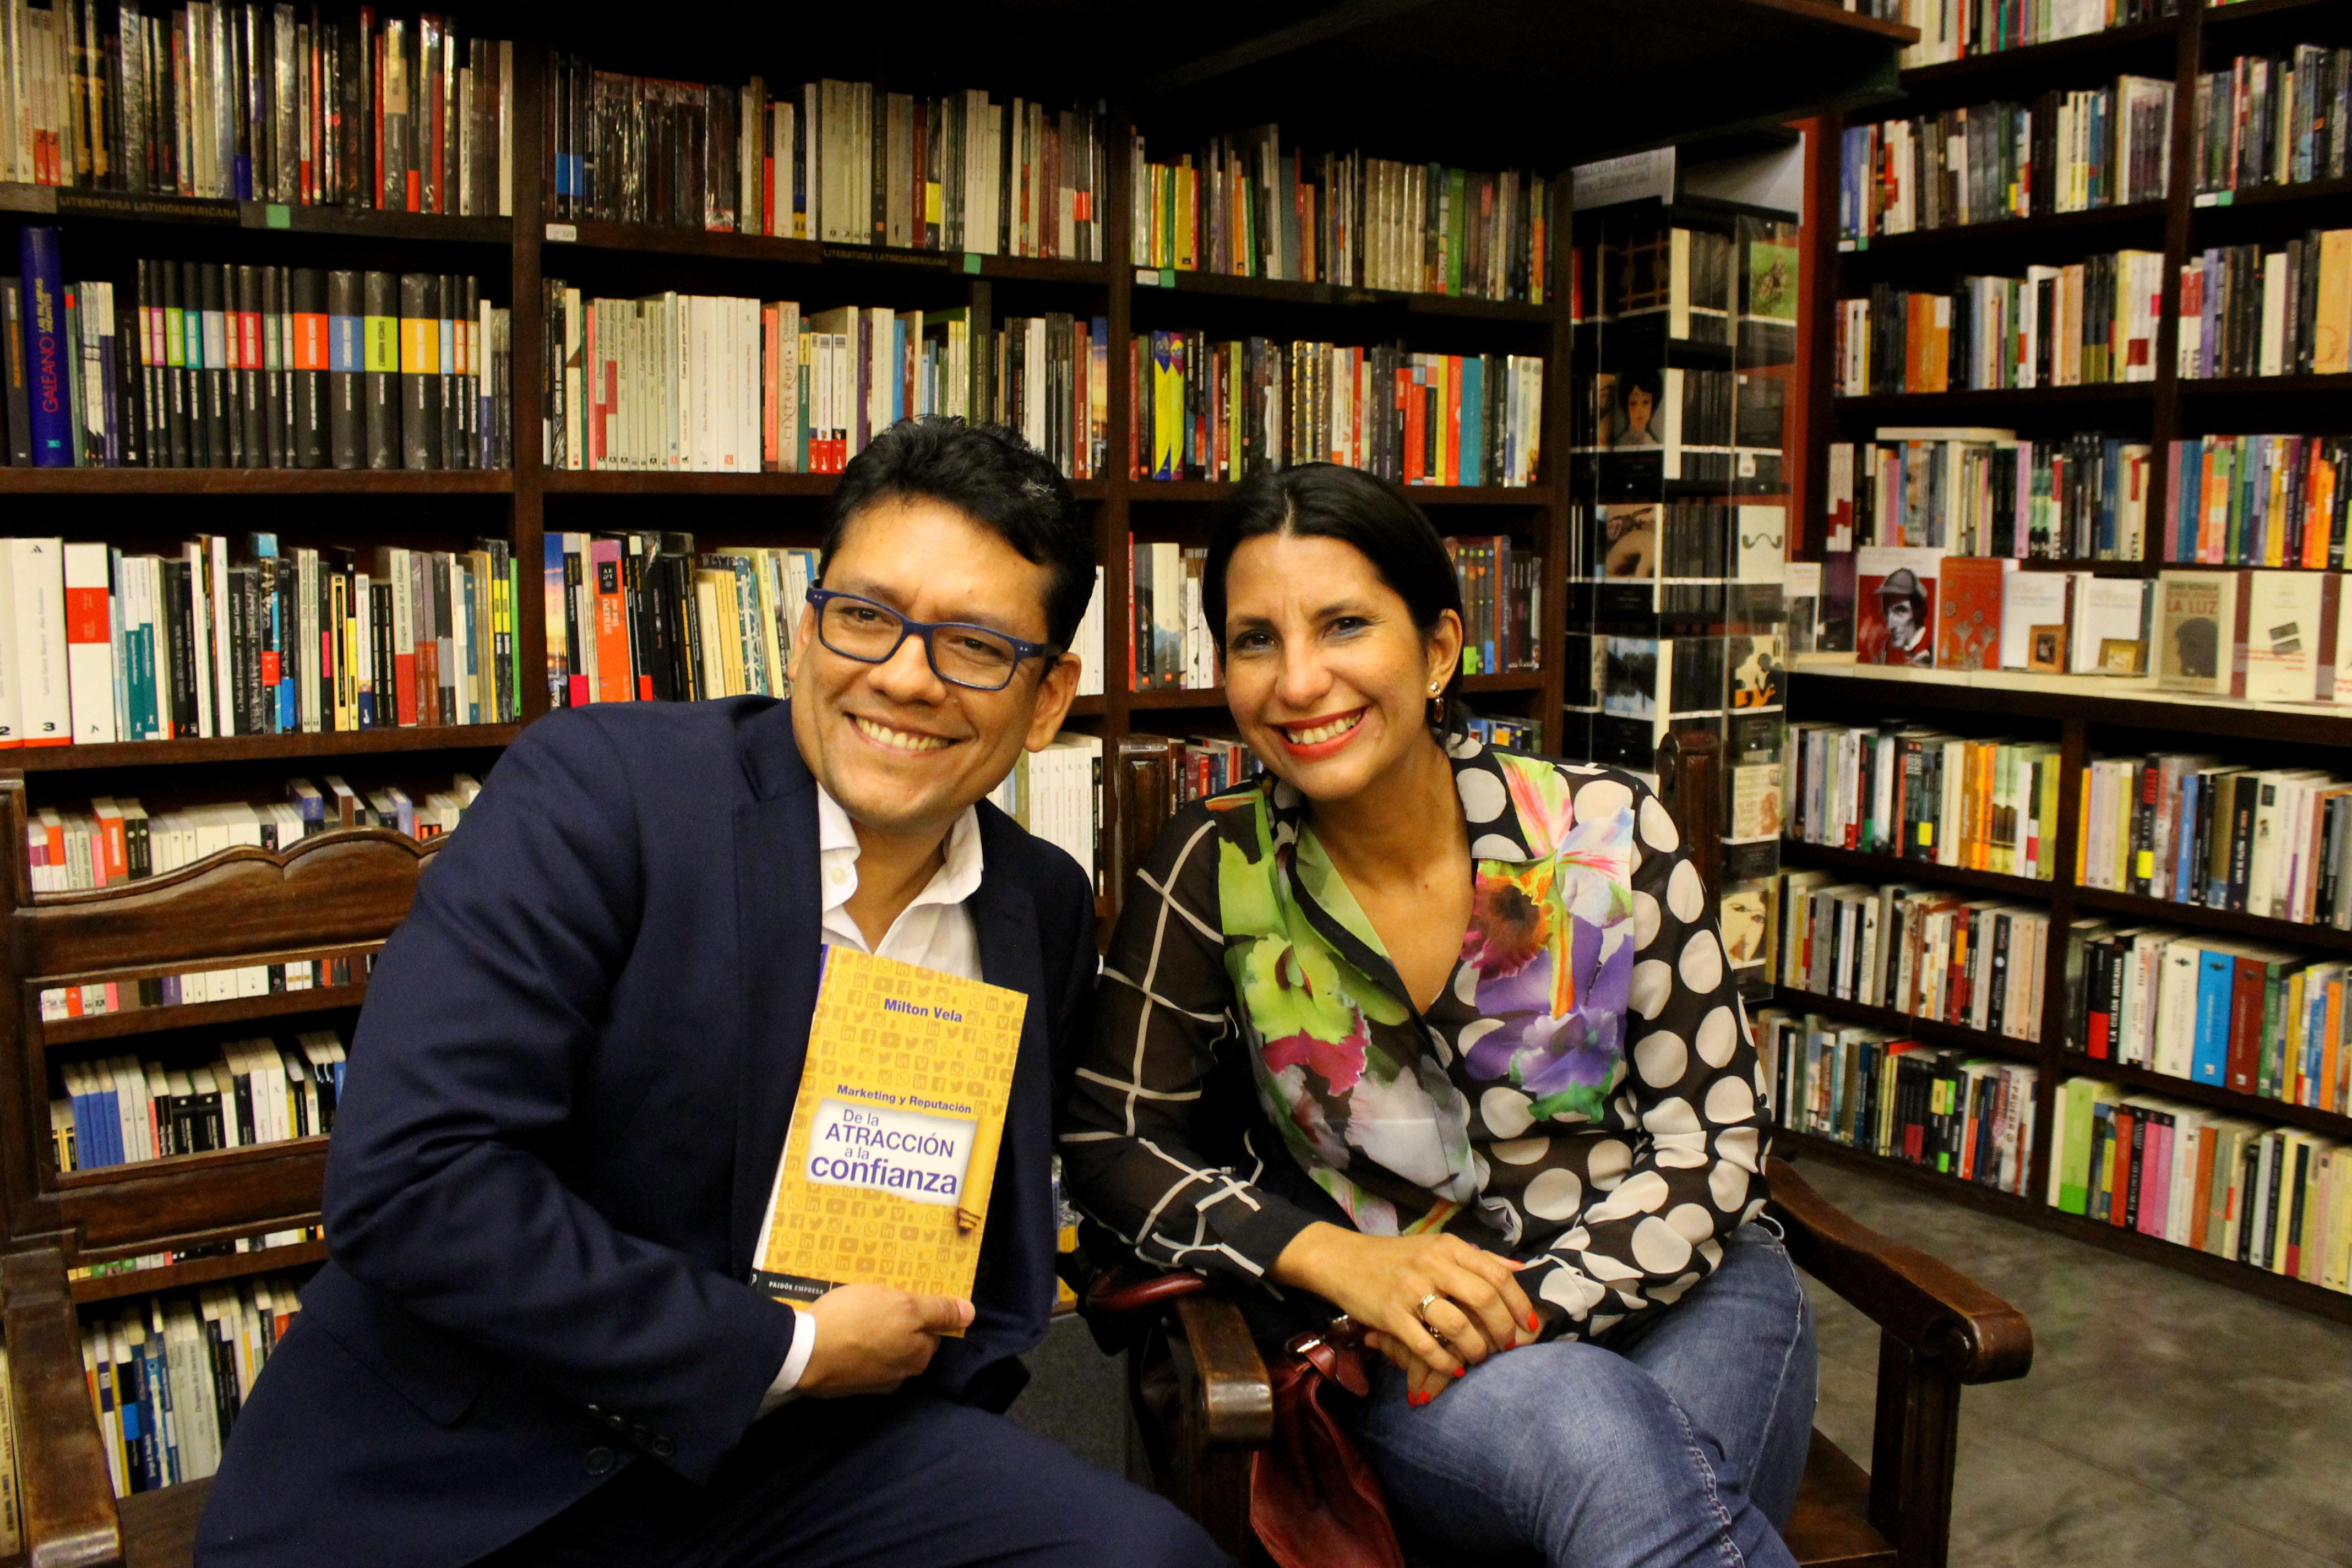 Presentacion_del_libro_taipa_marketing_y_reputacion_de_la_atraccion_a_la_confianza_de_Milton_Vela-Cafe_taipa_Peru_Consultores_en_Reputacion_y_marketing-Cristina_Quiñones_Insights